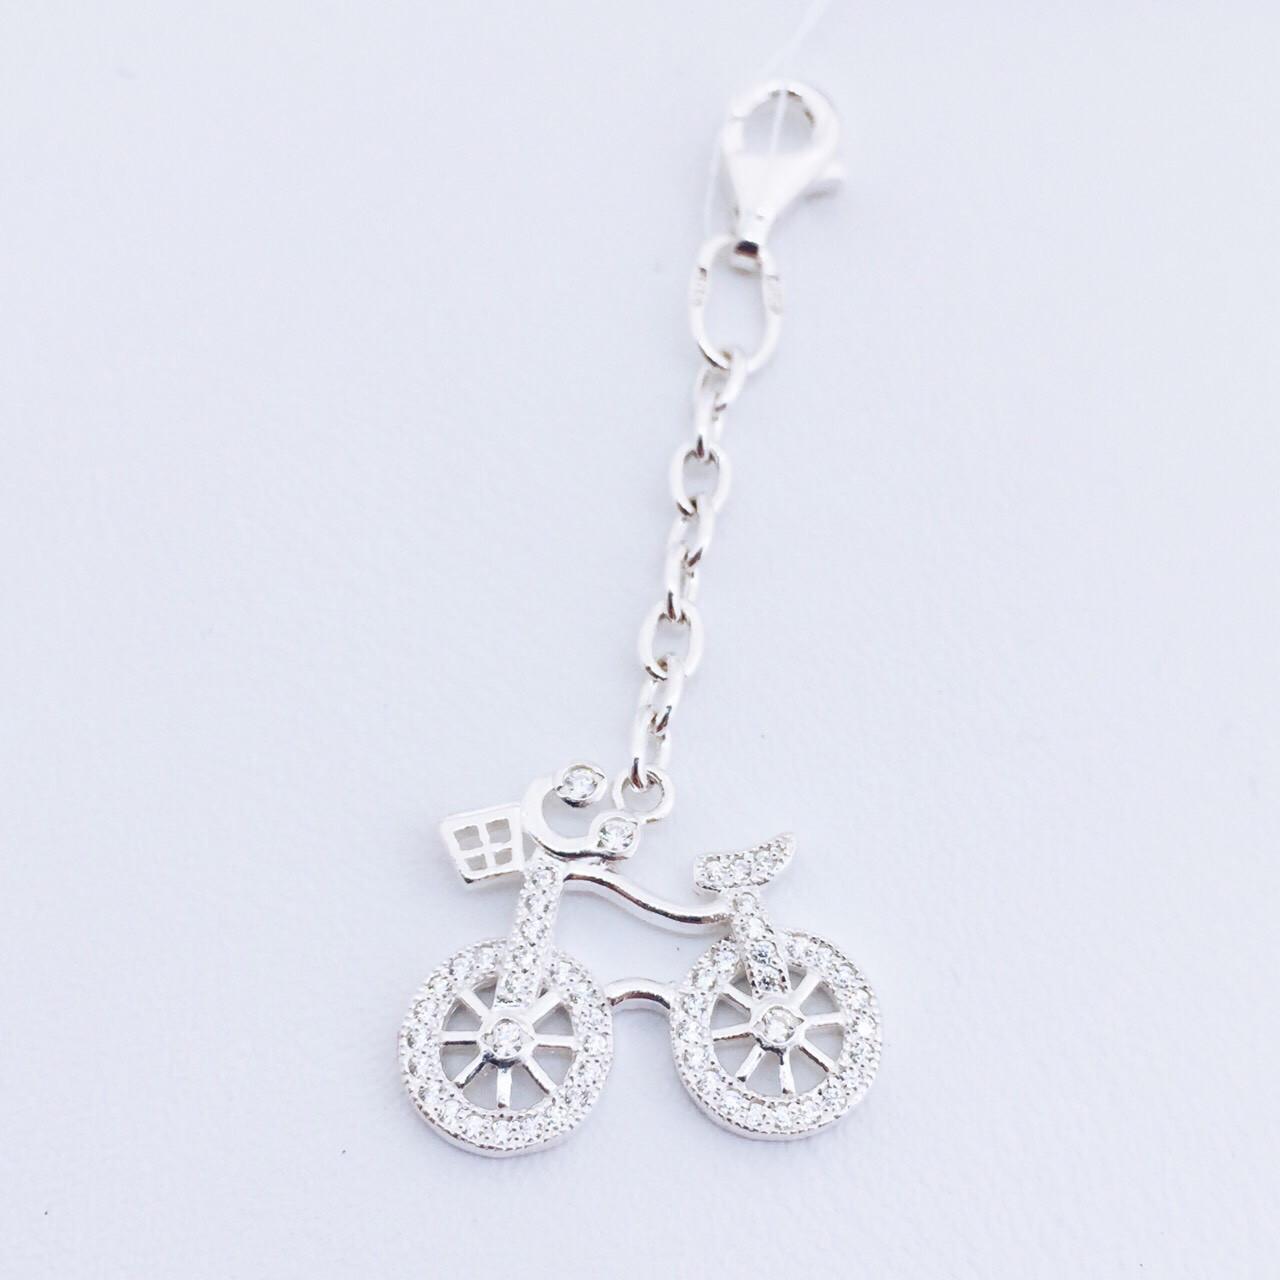 Серебряный сувенир велосипед